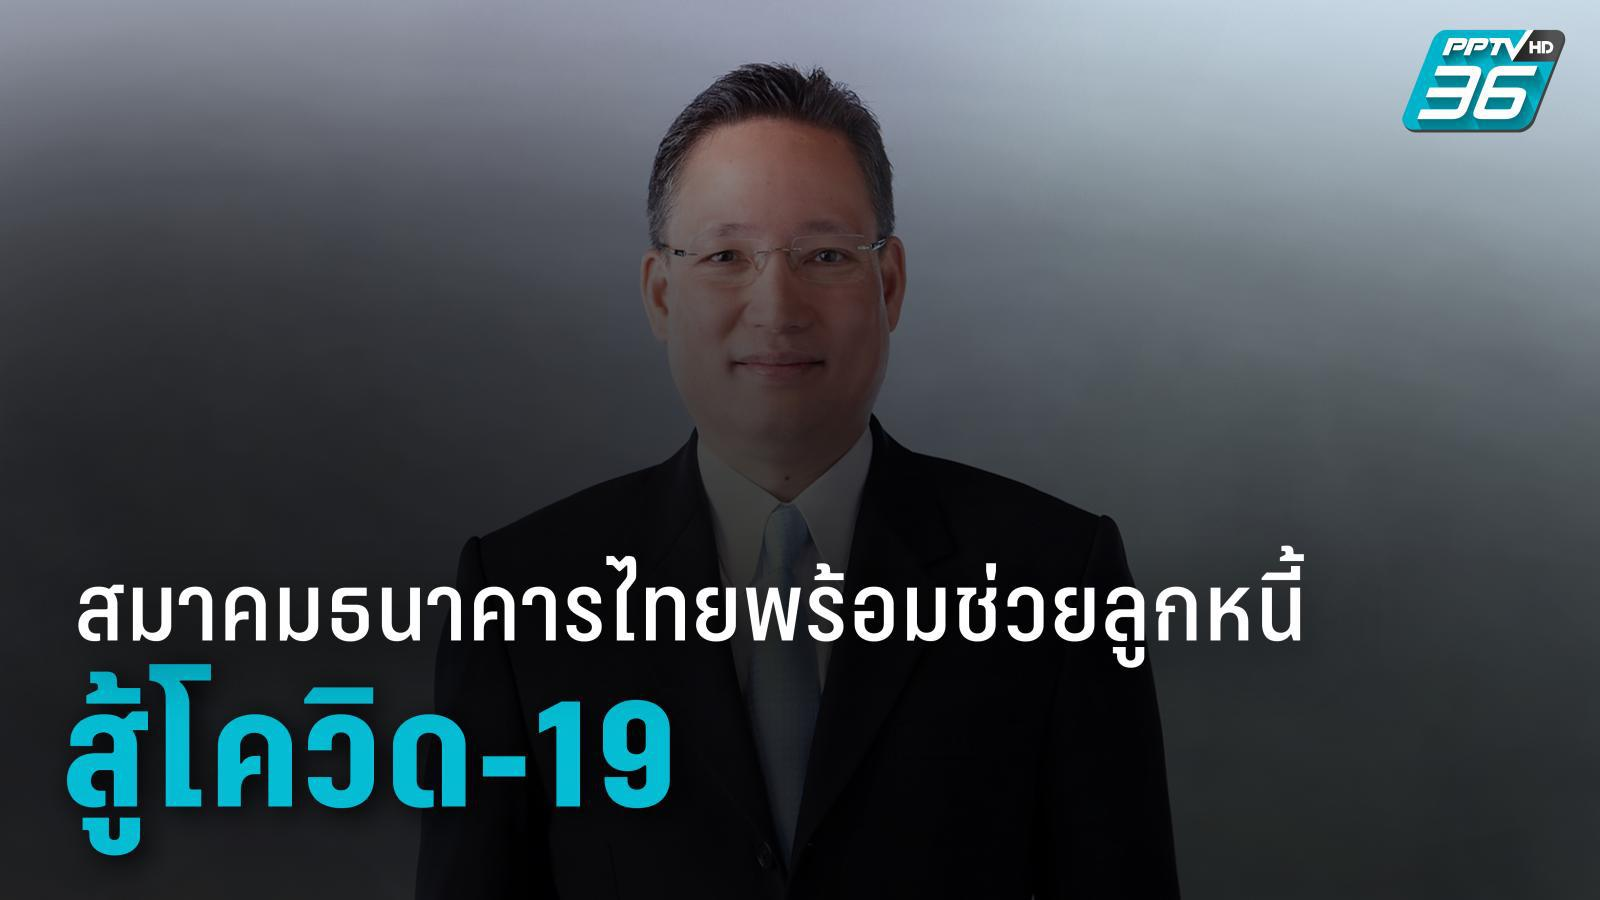 ส.ธนาคารไทย สั่งธนาคารพาณิชย์ออกมาตรการช่วยลูกหนี้